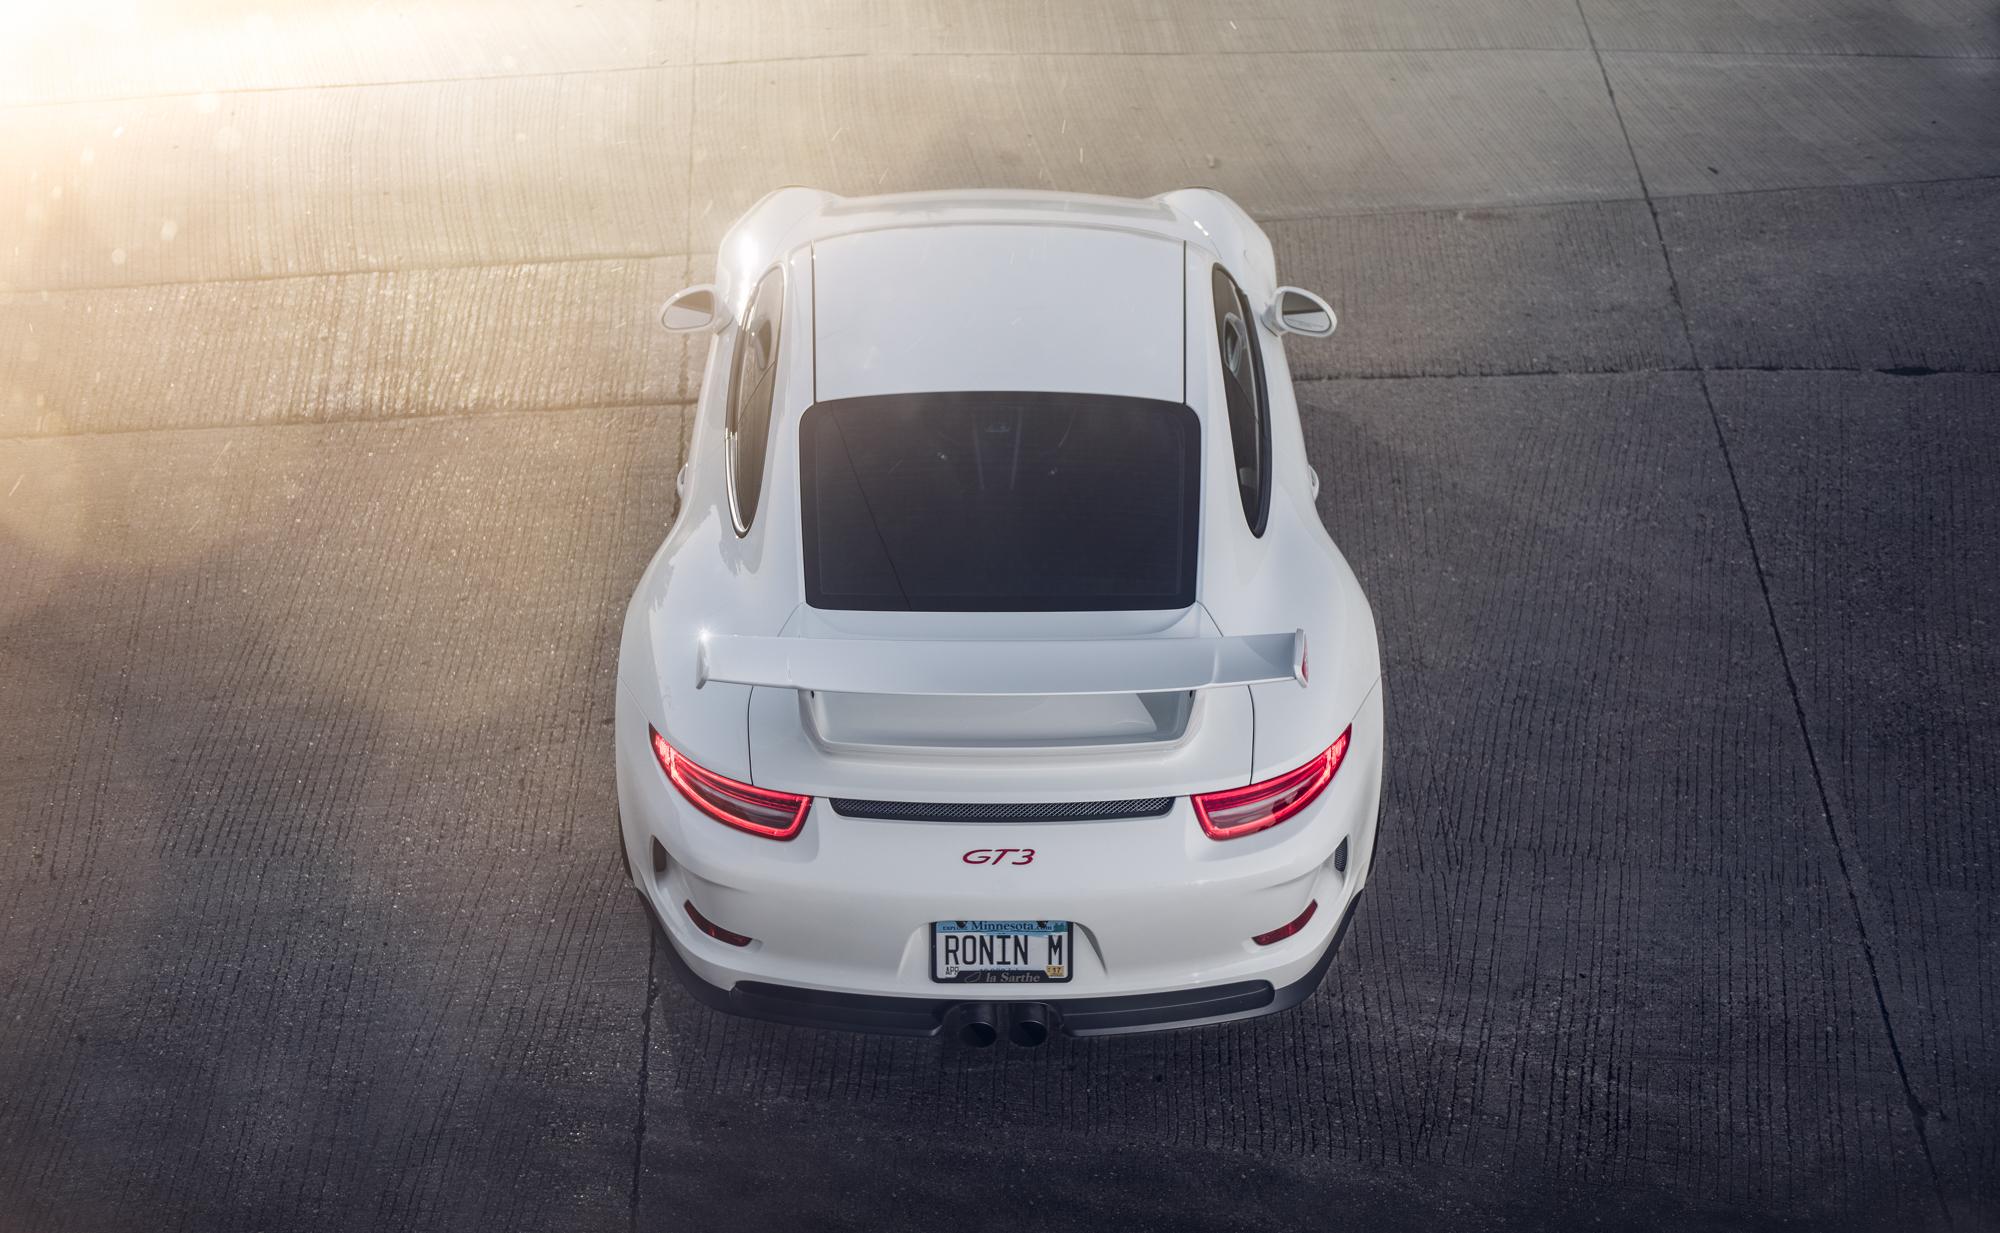 Porsche GT3 991 911